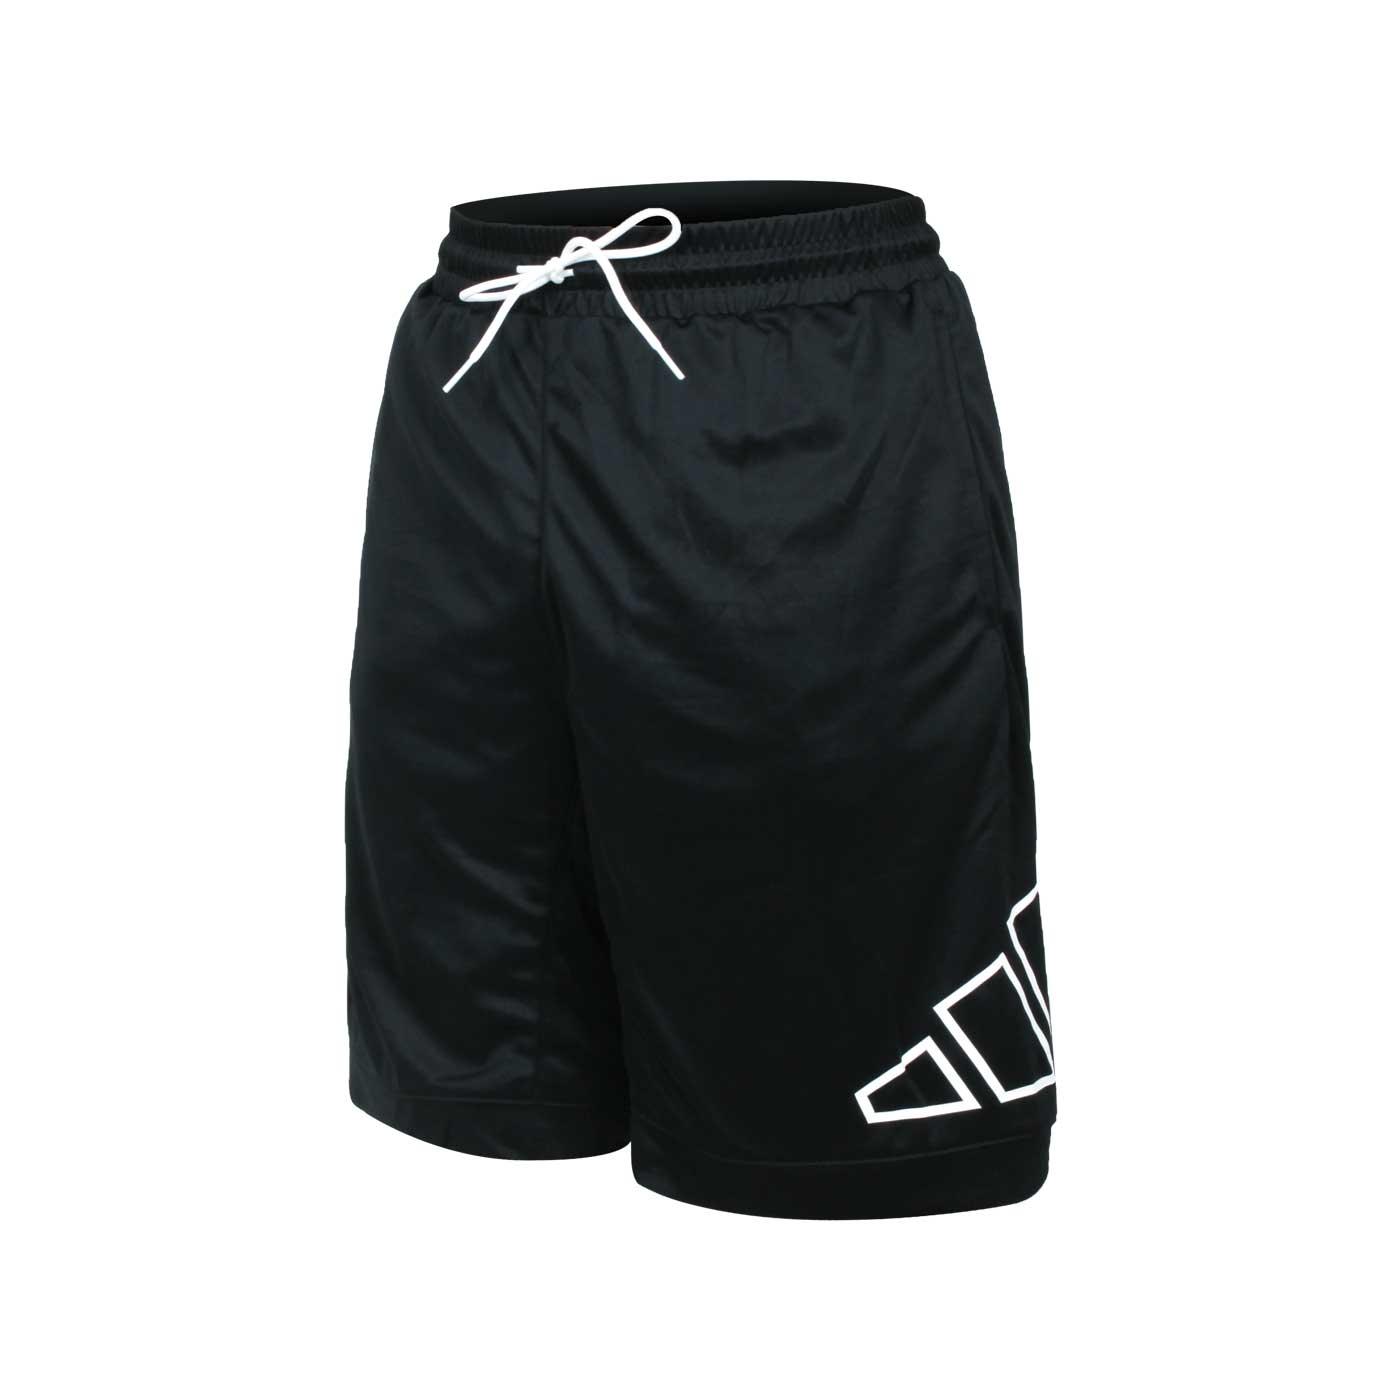 ADIDAS 男款運動短褲 GT3018 - 黑白